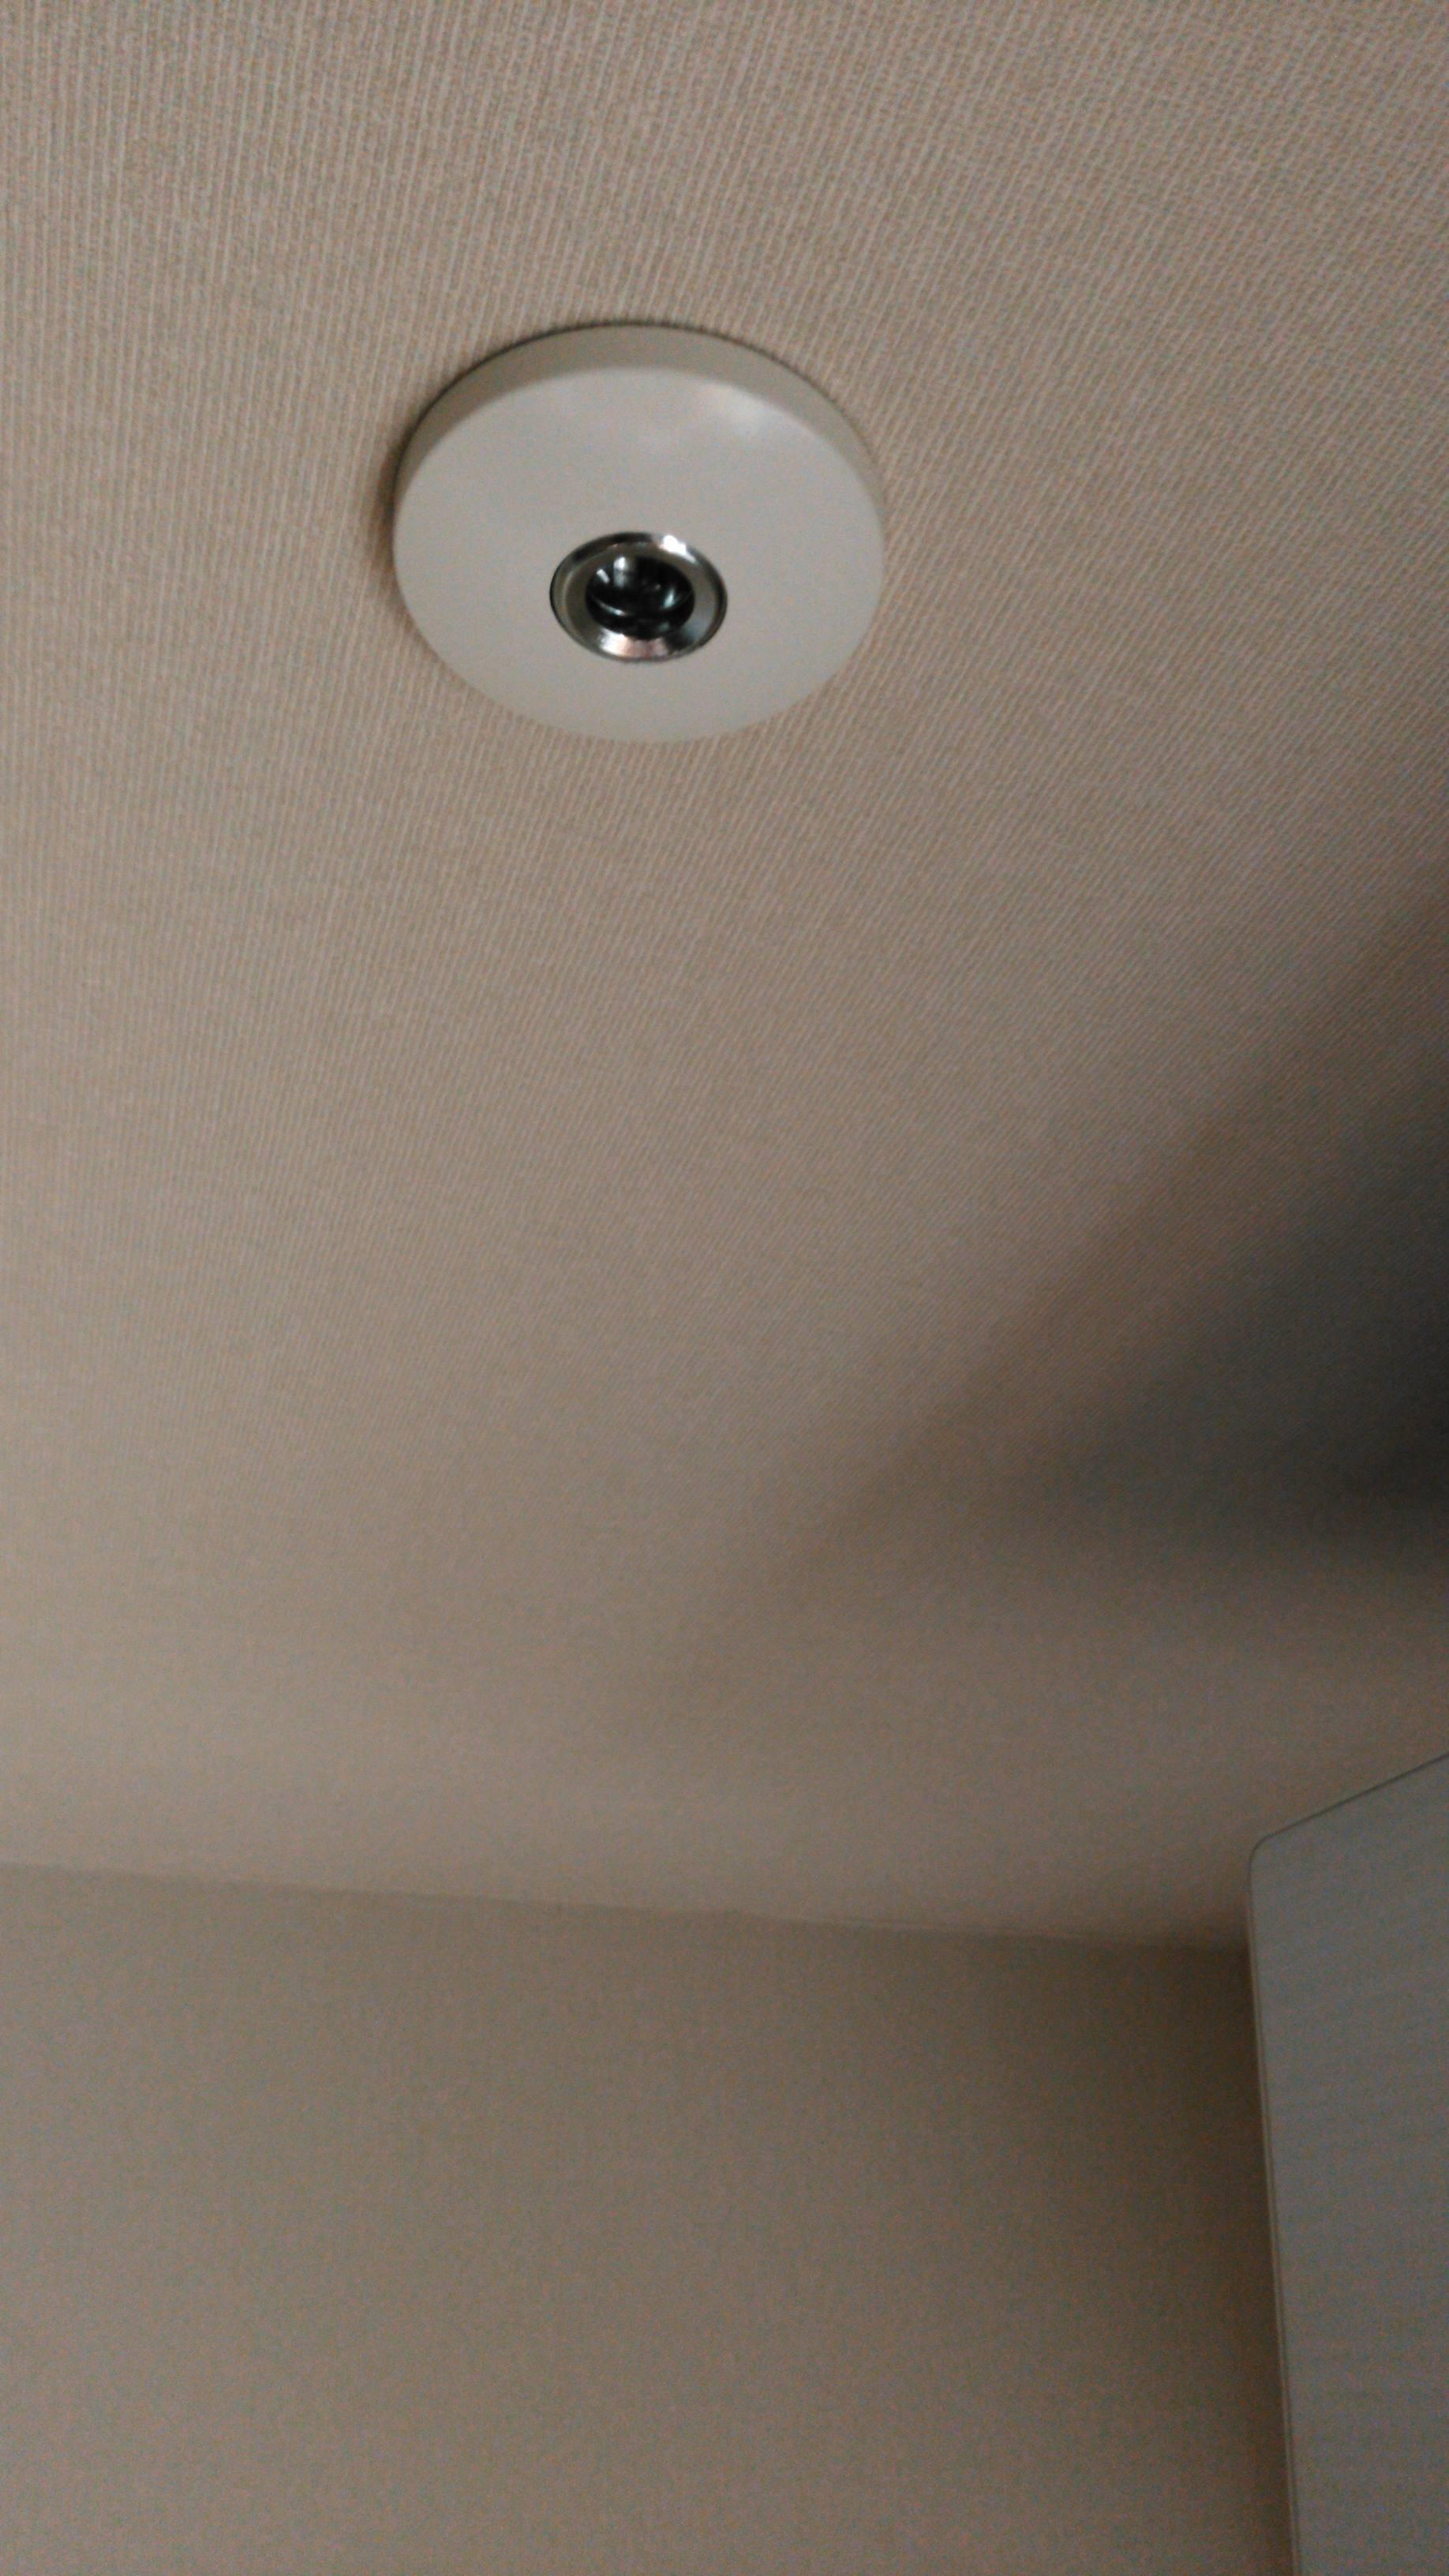 室内用 物干金物『ホスクリーン』取付 モリス正規販売店のブライト_c0157866_16192515.jpg